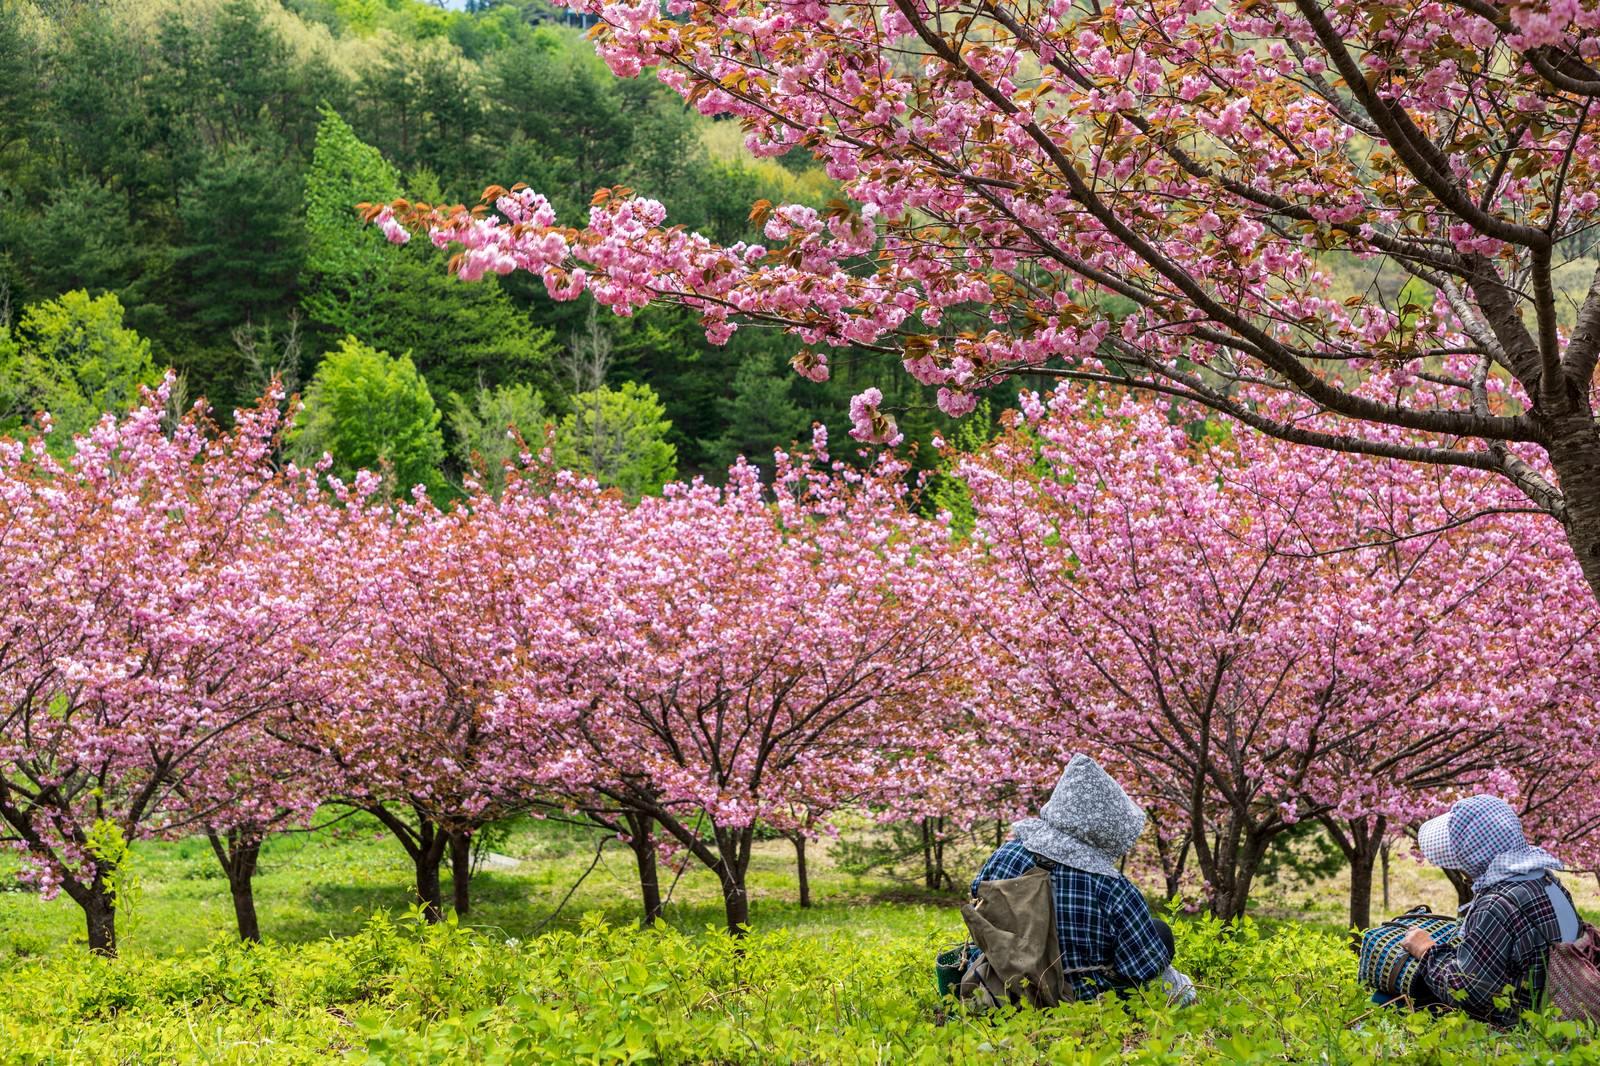 「桃源郷の八重桜を眺めて休憩する婆ちゃんたち」の写真